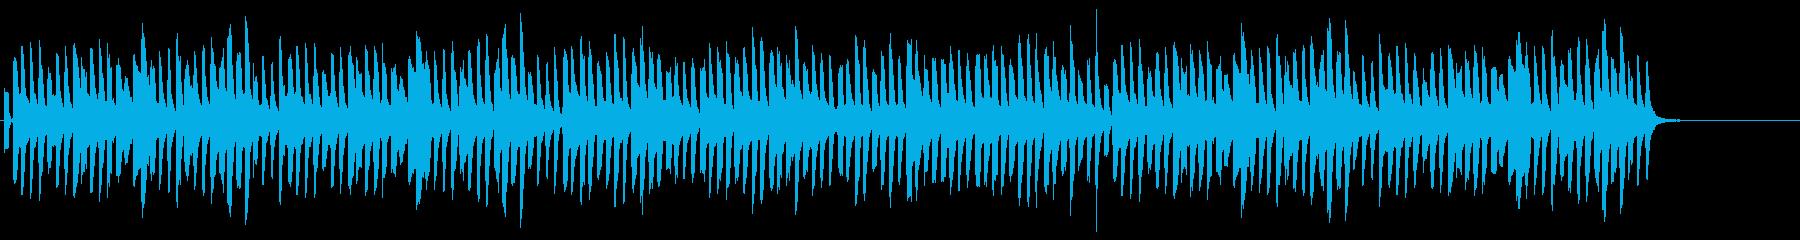 可愛らしい冬の曲です。の再生済みの波形